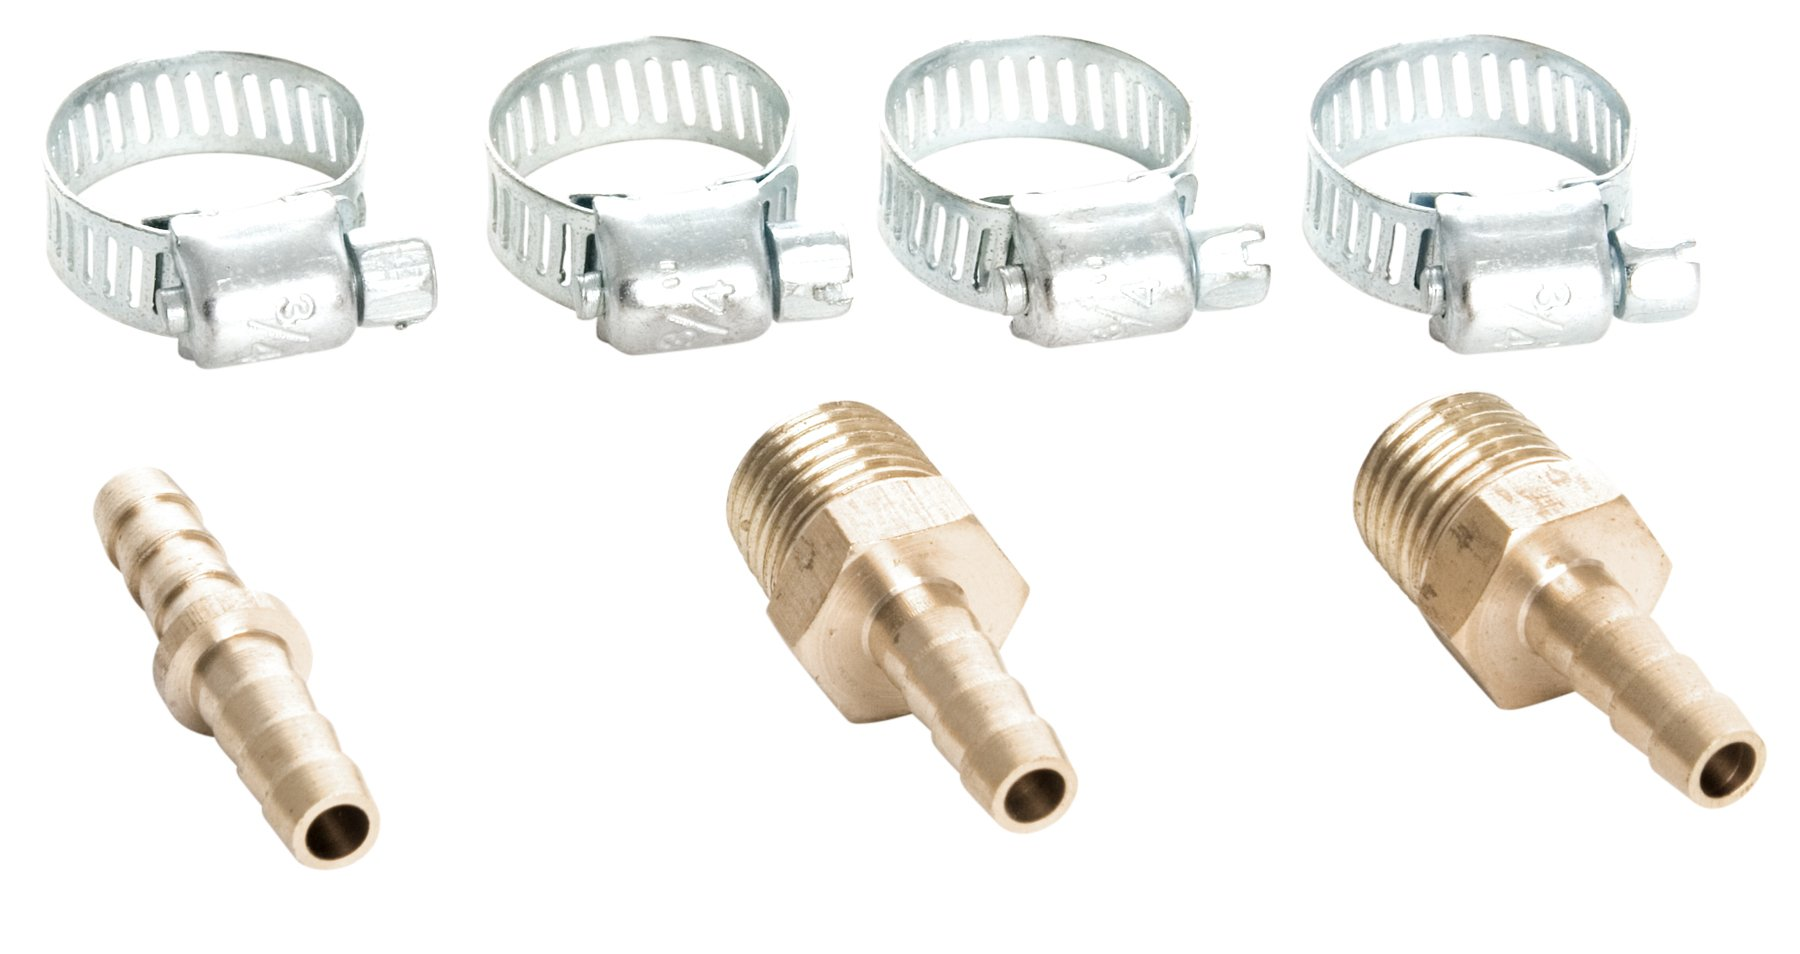 1//4 ID Air Compressed Hose Mender Repair Kit